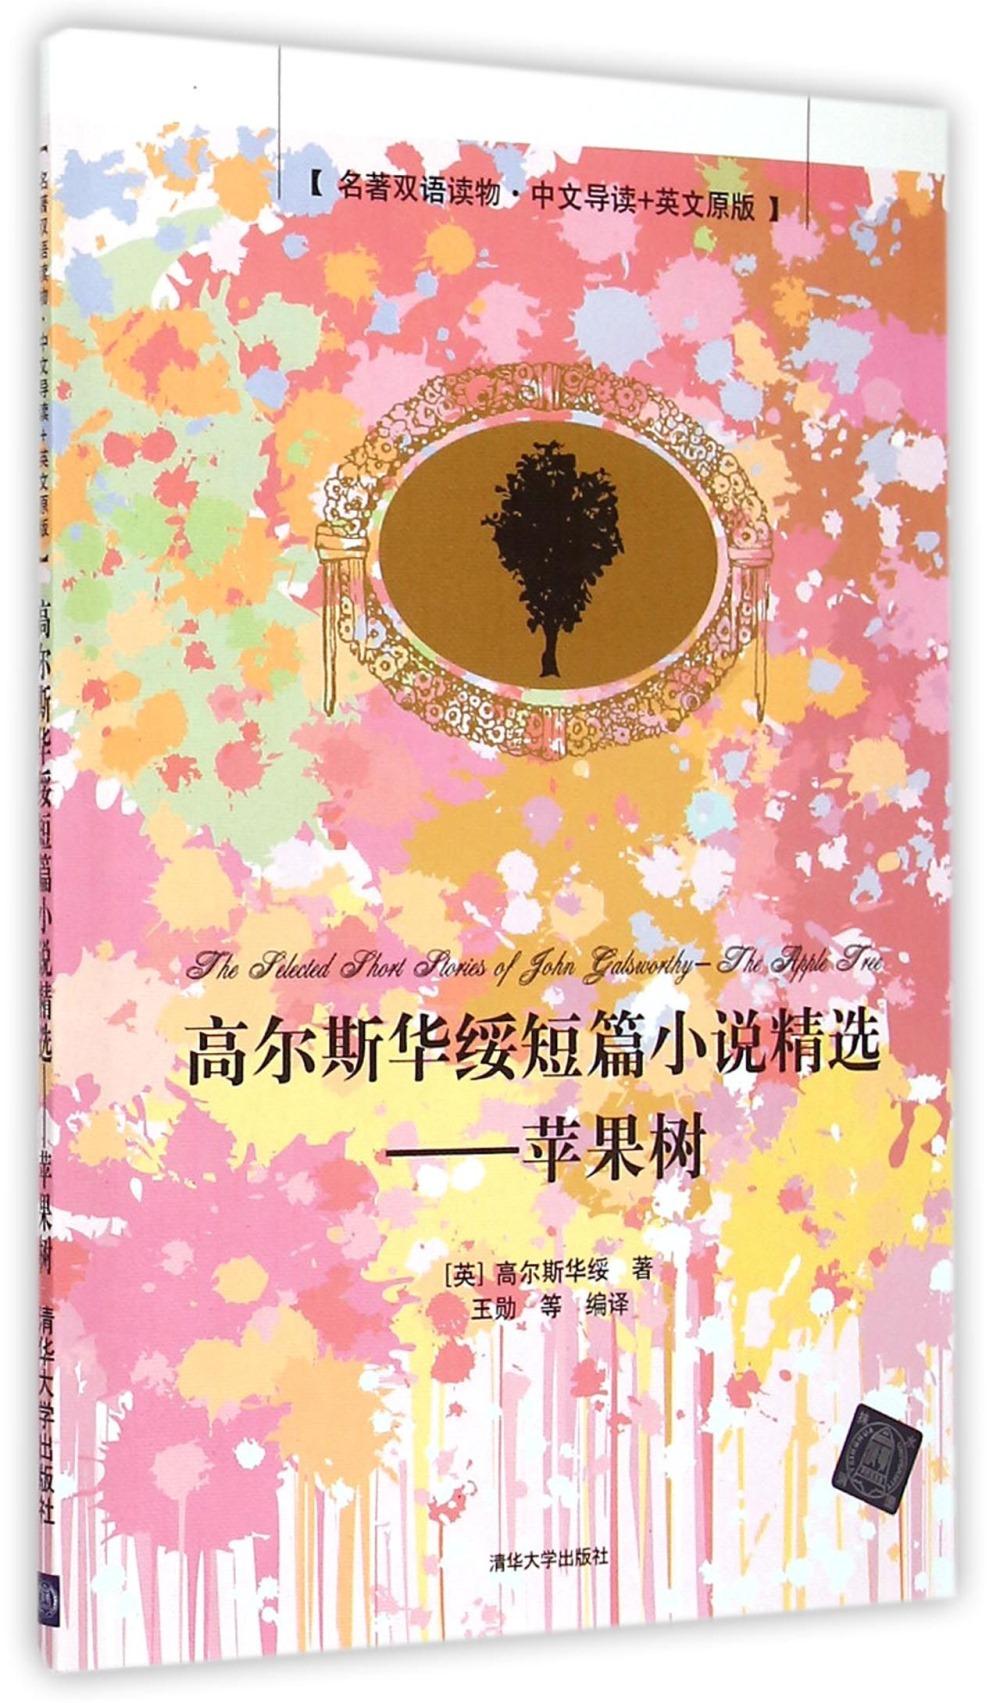 高爾斯華綏短篇小說精選--蘋果樹(名著雙語讀物·中文導讀+英文原版)